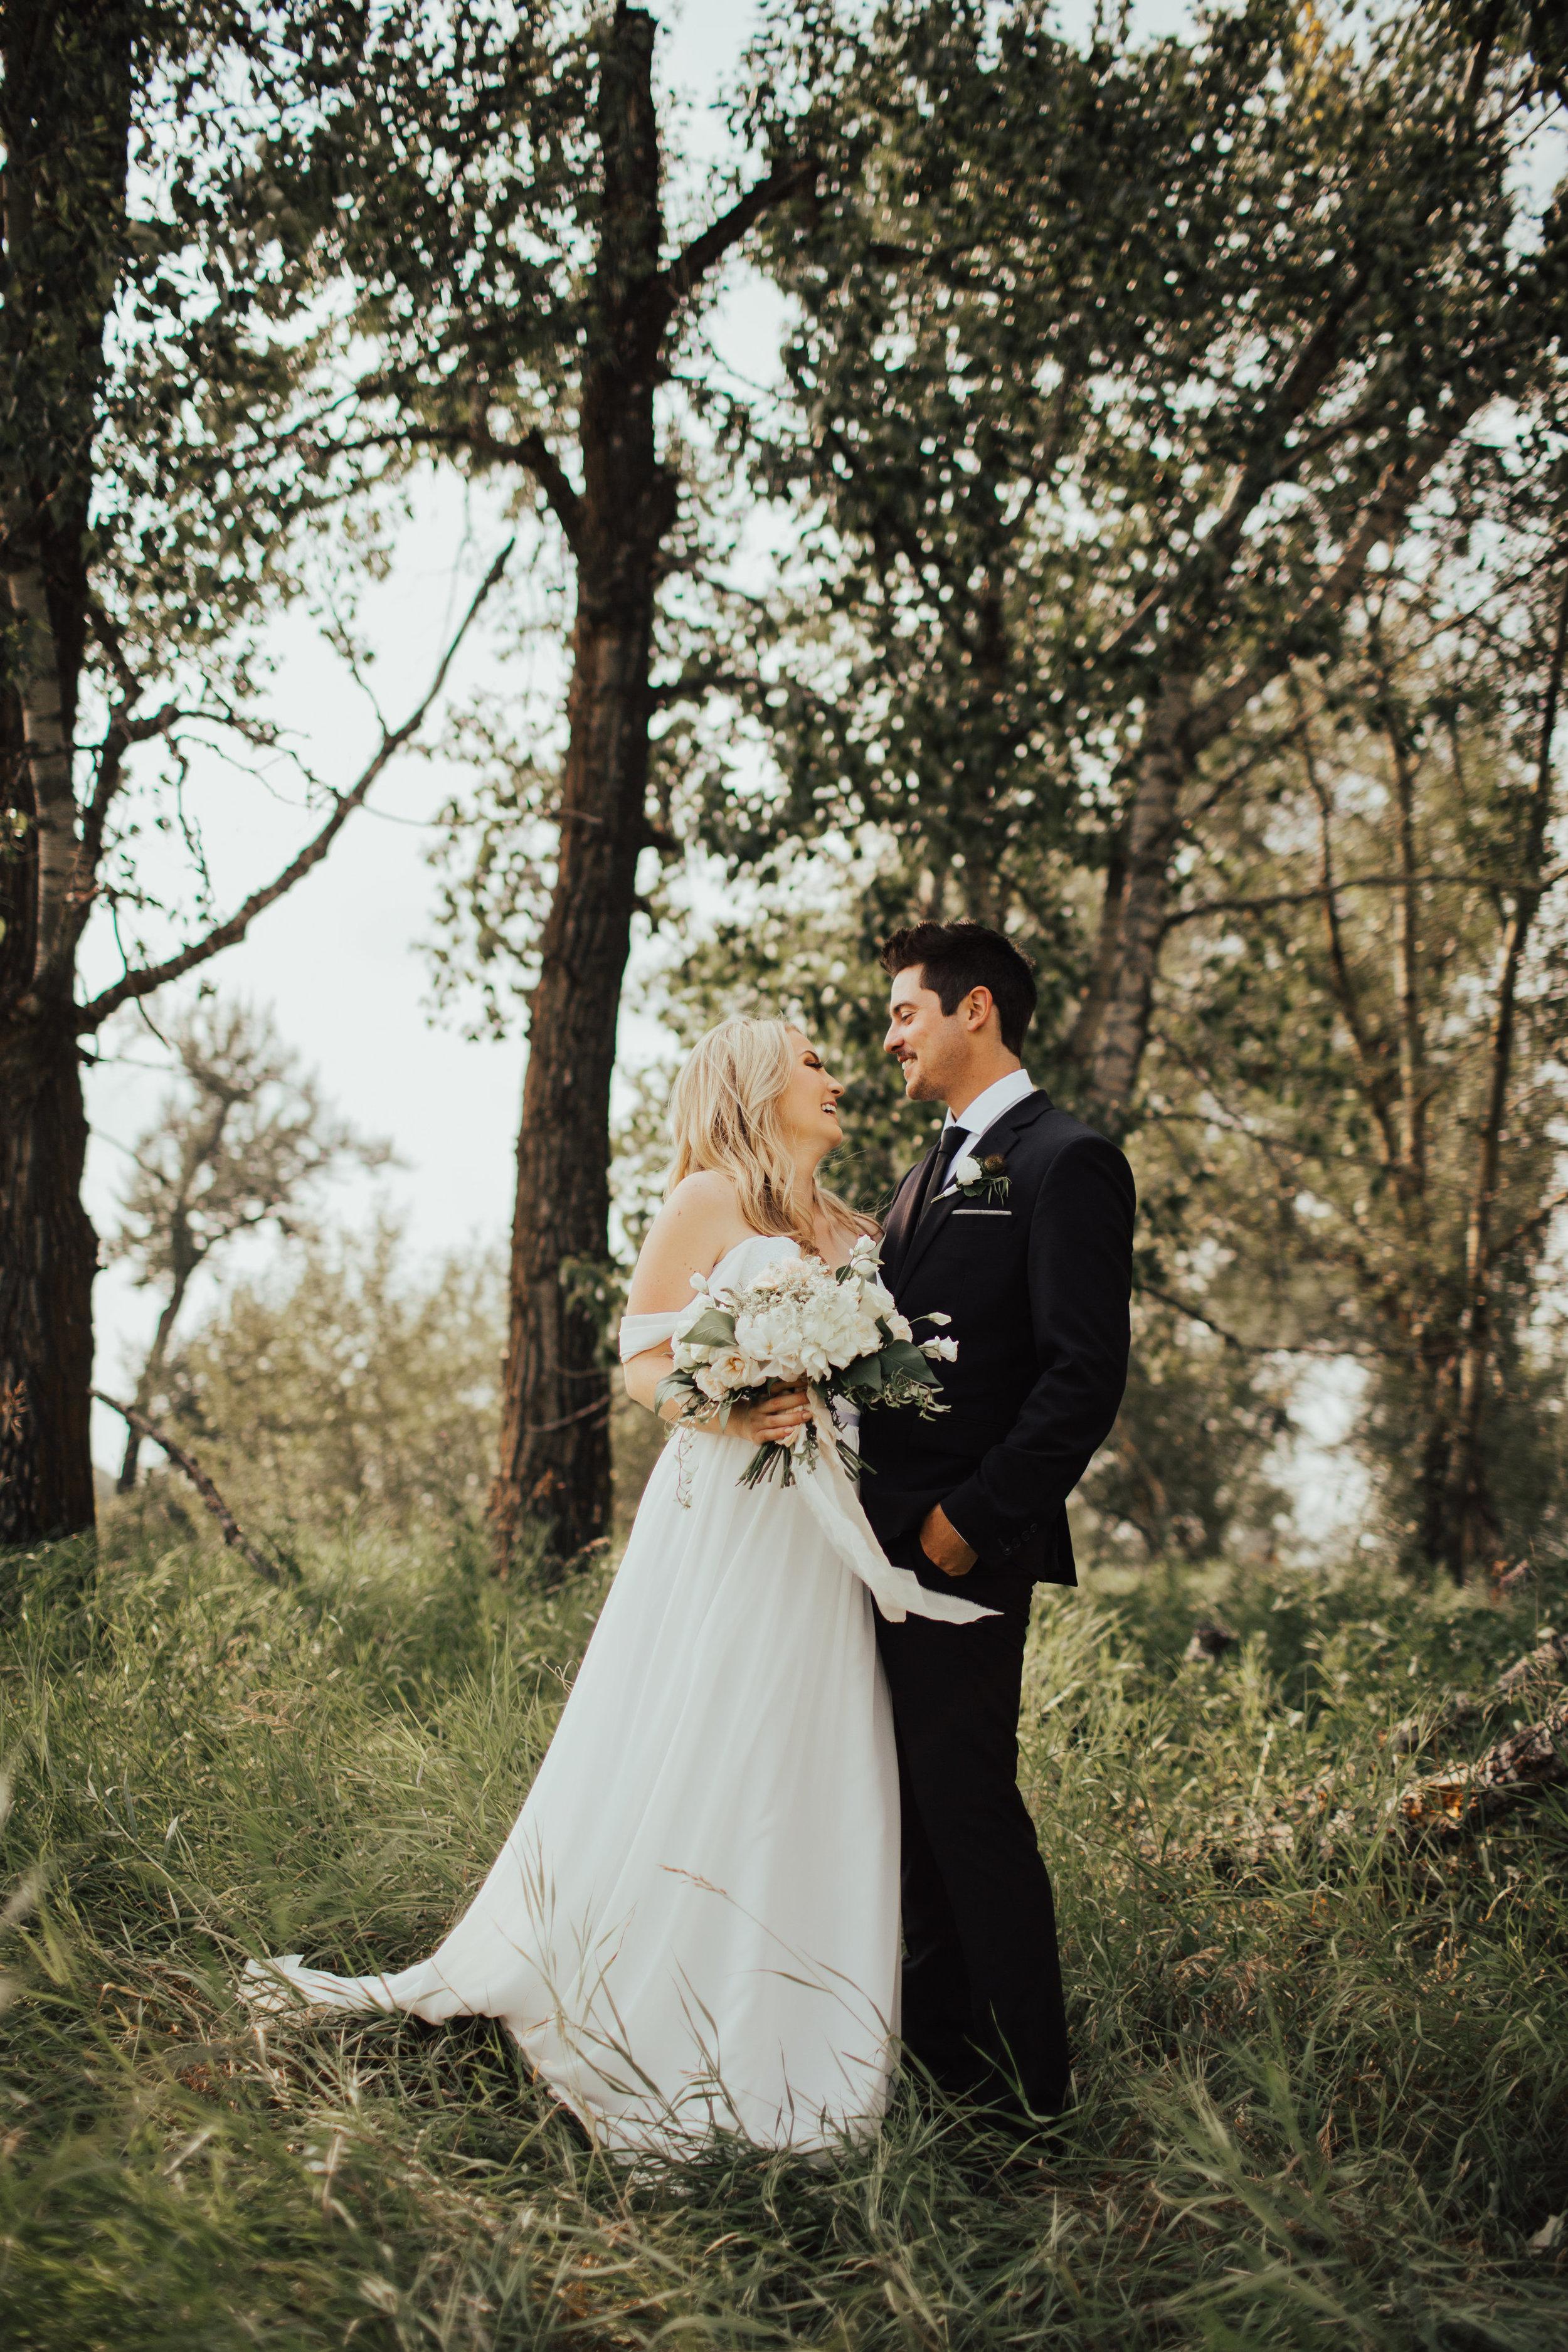 Paperdoll the Brand Teresa Renee Calgary Wedding Planner